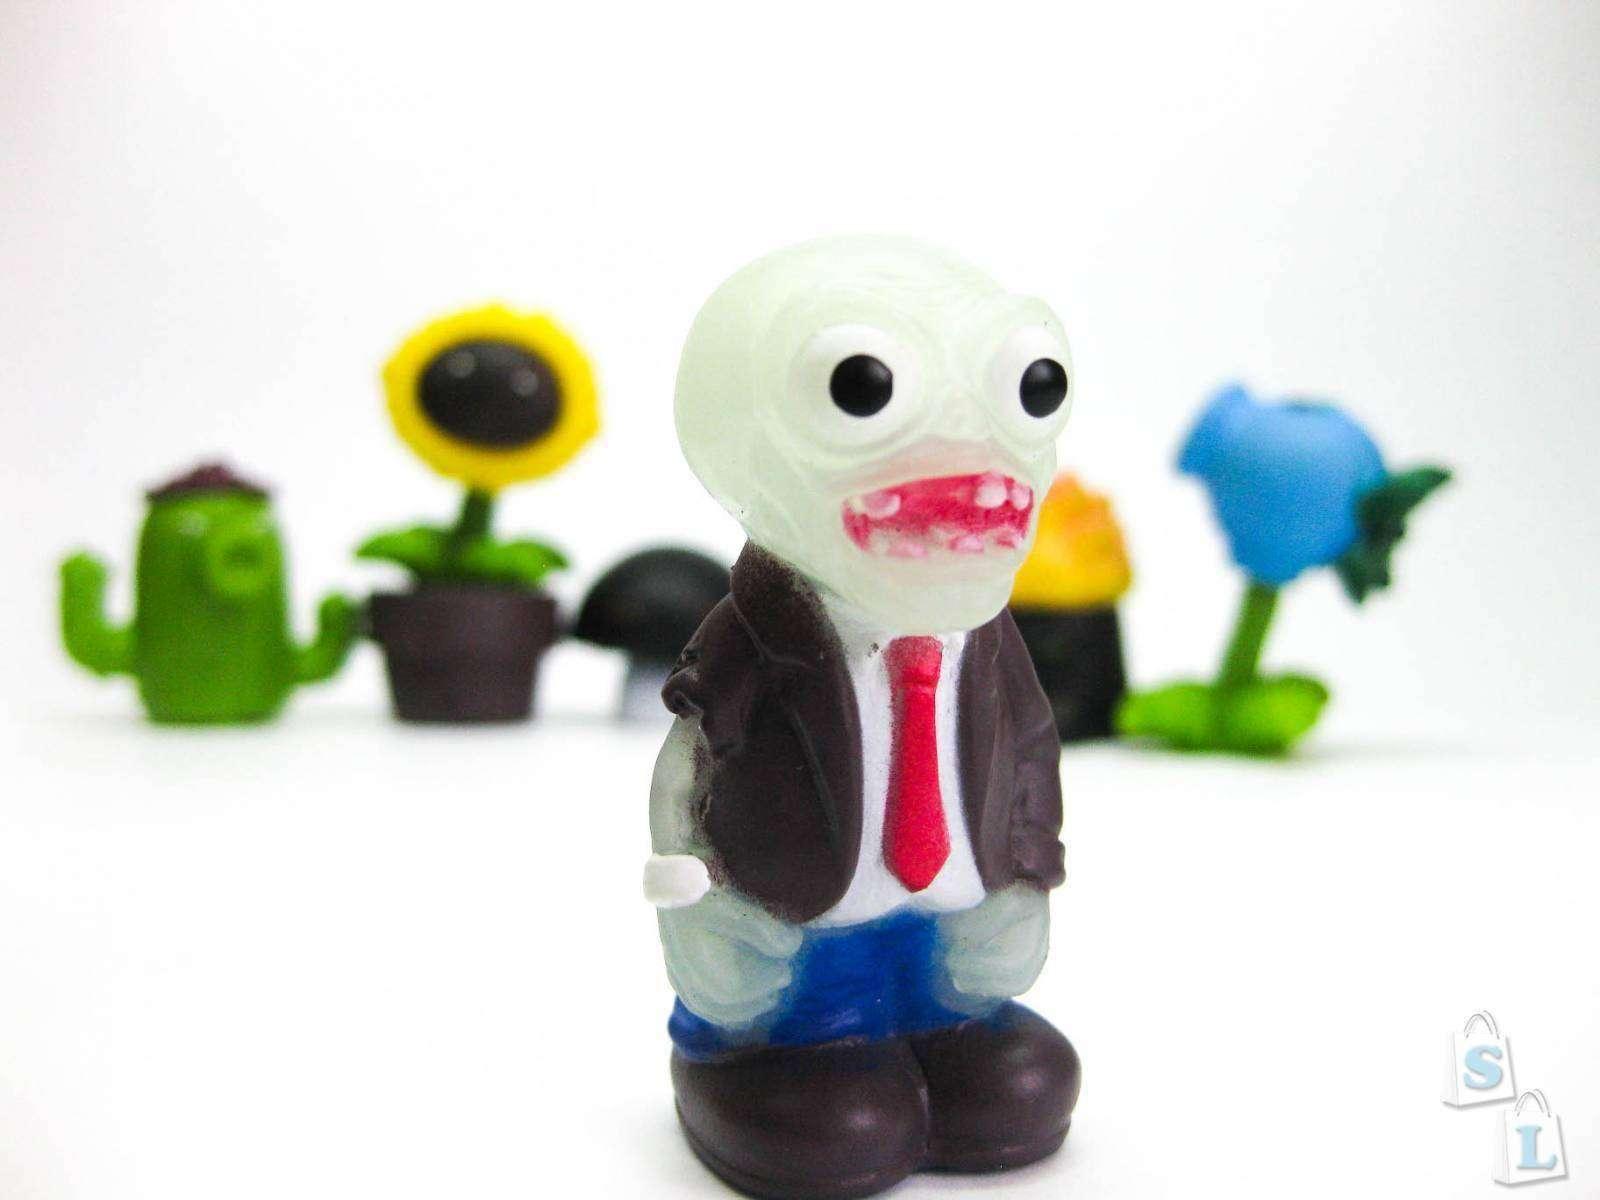 Sammydress: Фигурки из популярной игры - plants vs zombie (растения против зомби).